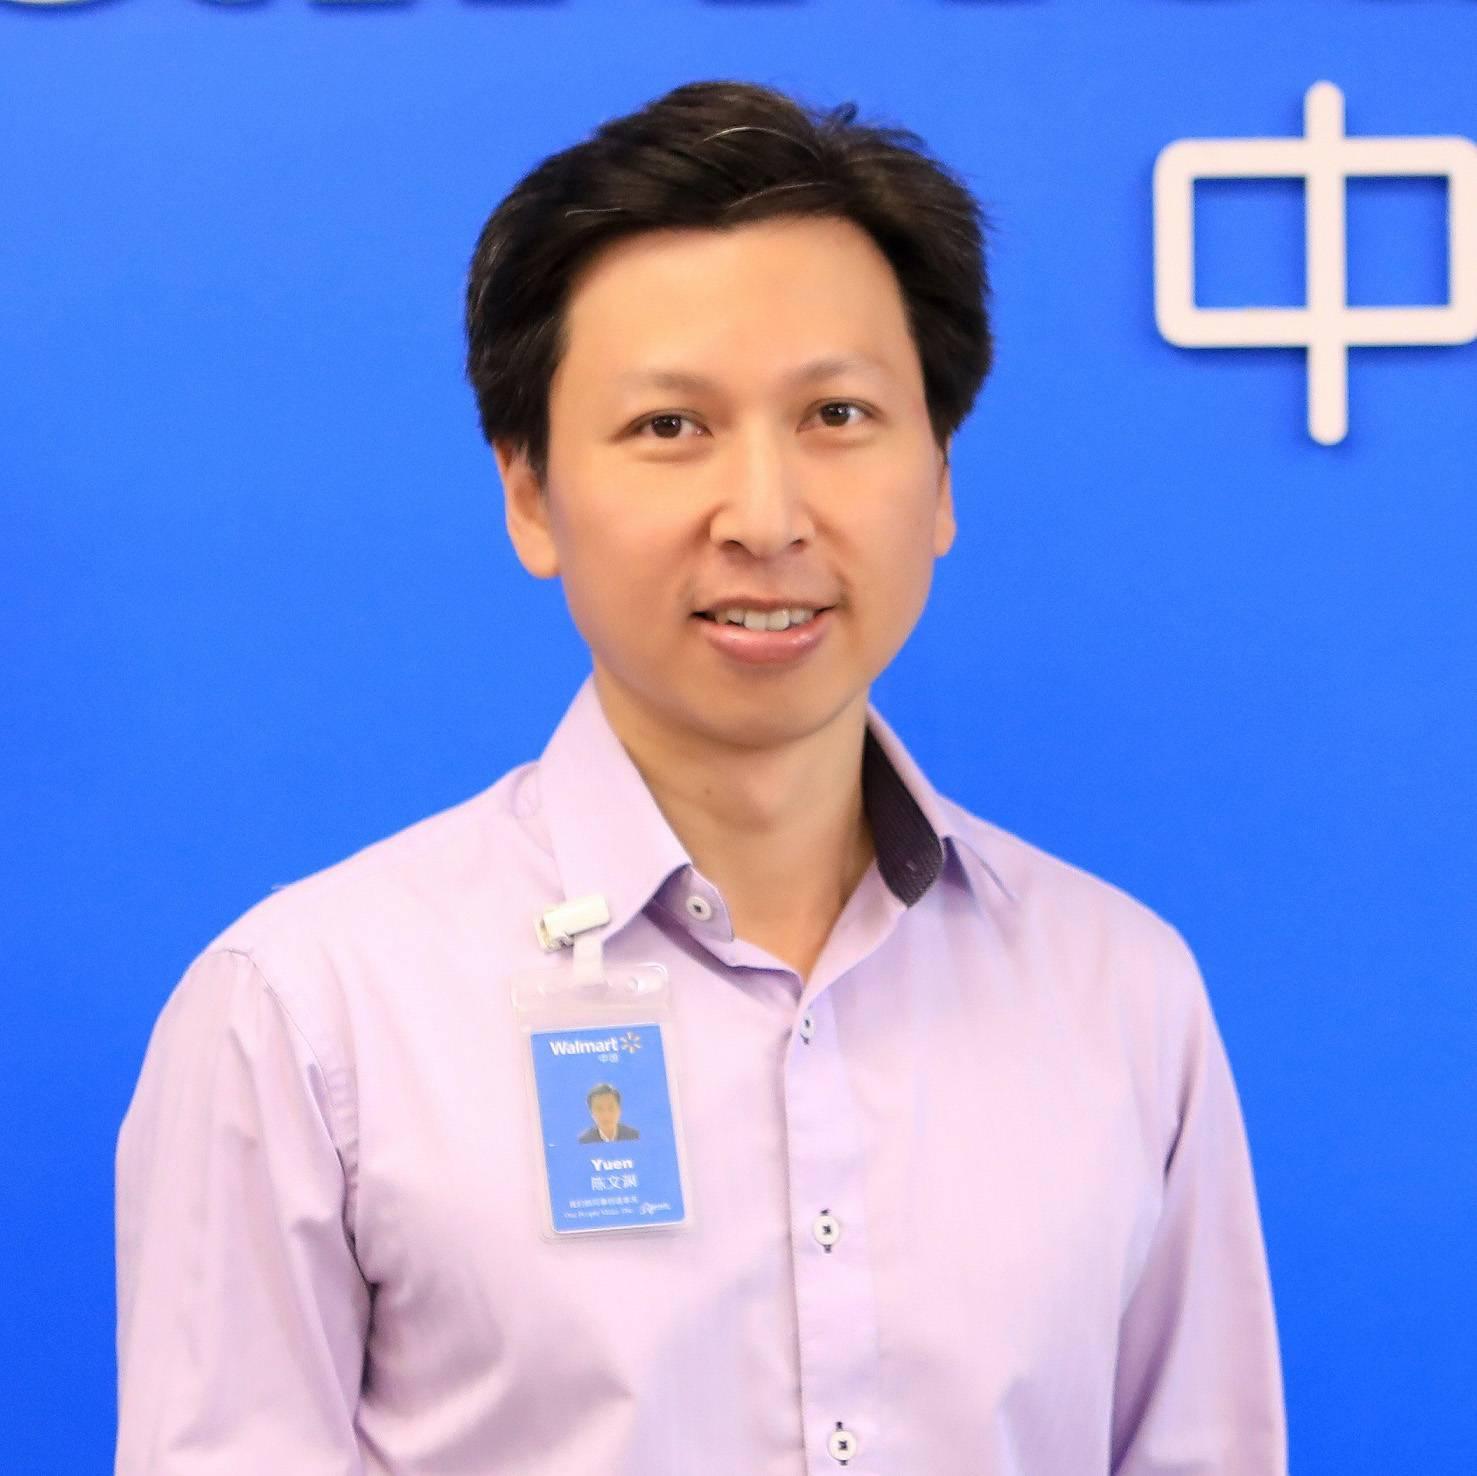 沃尔玛中国 总裁兼首席执行官 陈文渊